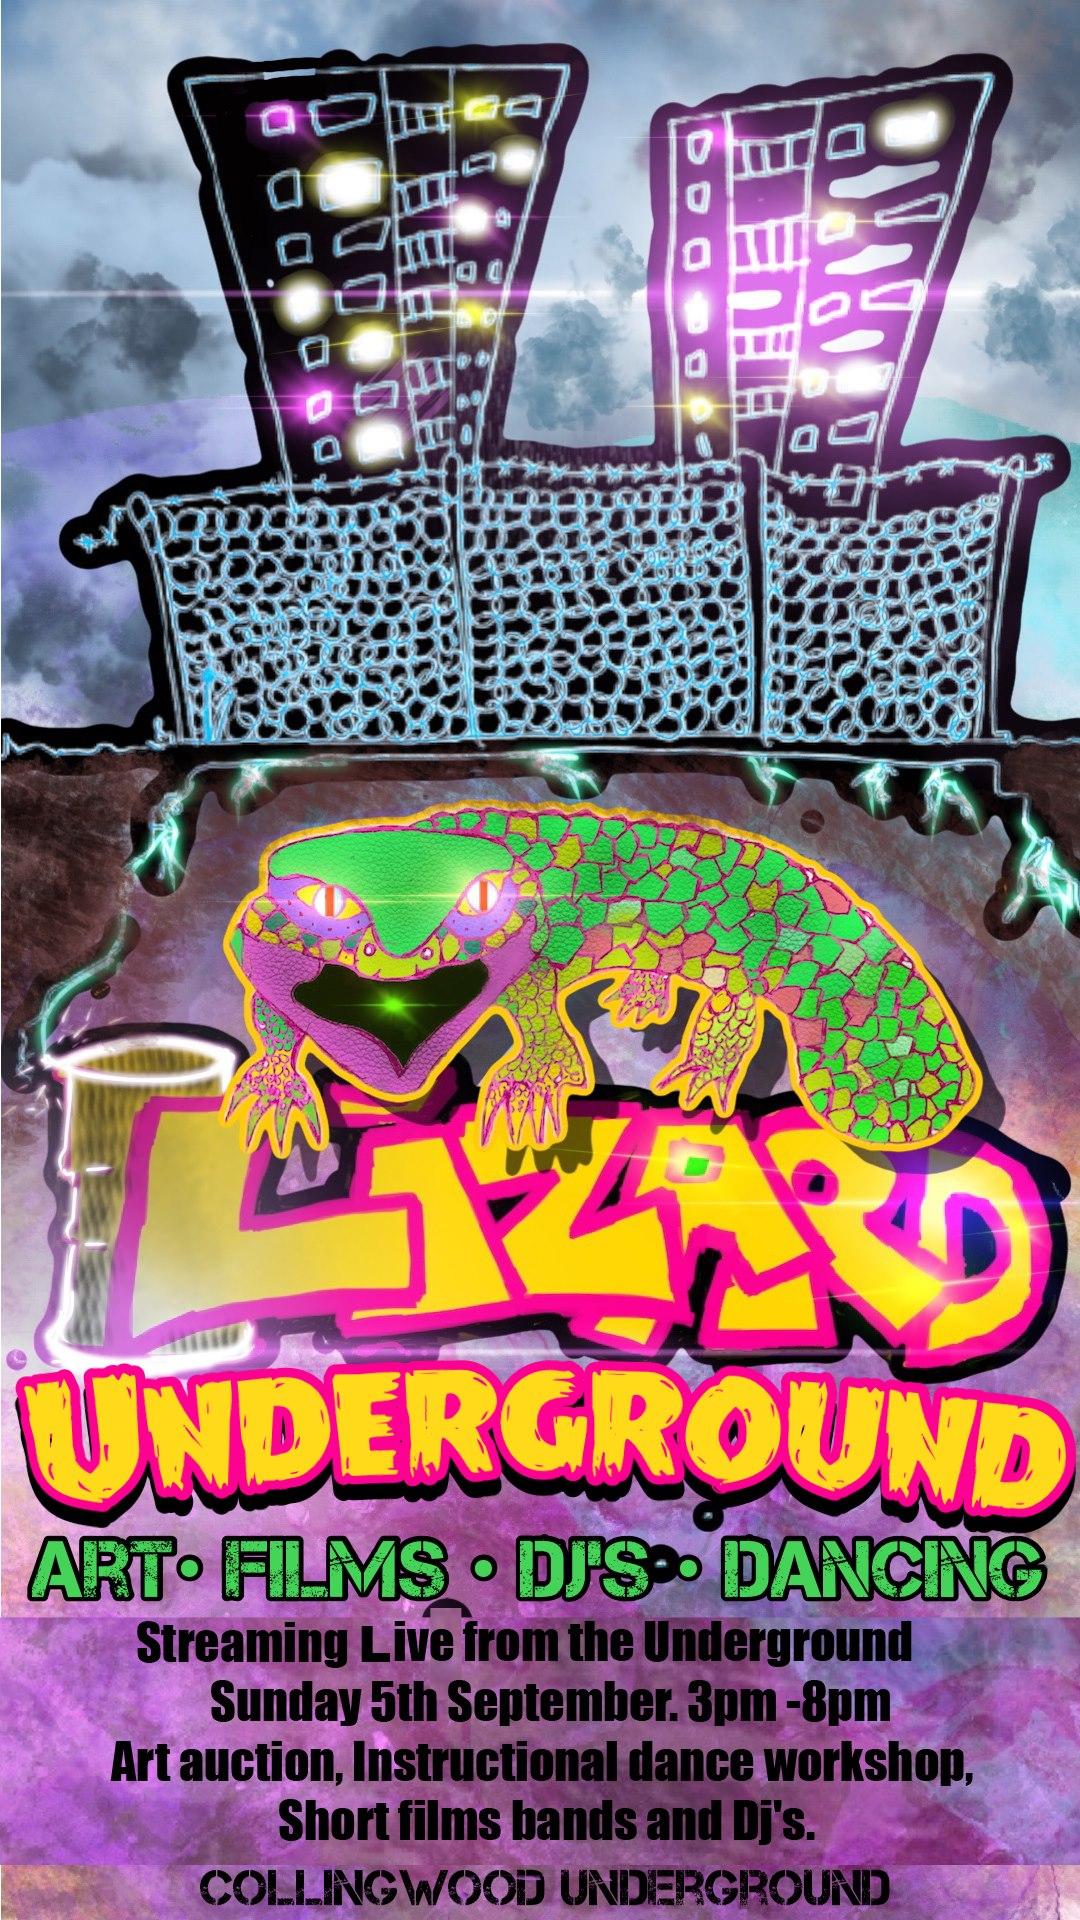 lizards_underground.jpg